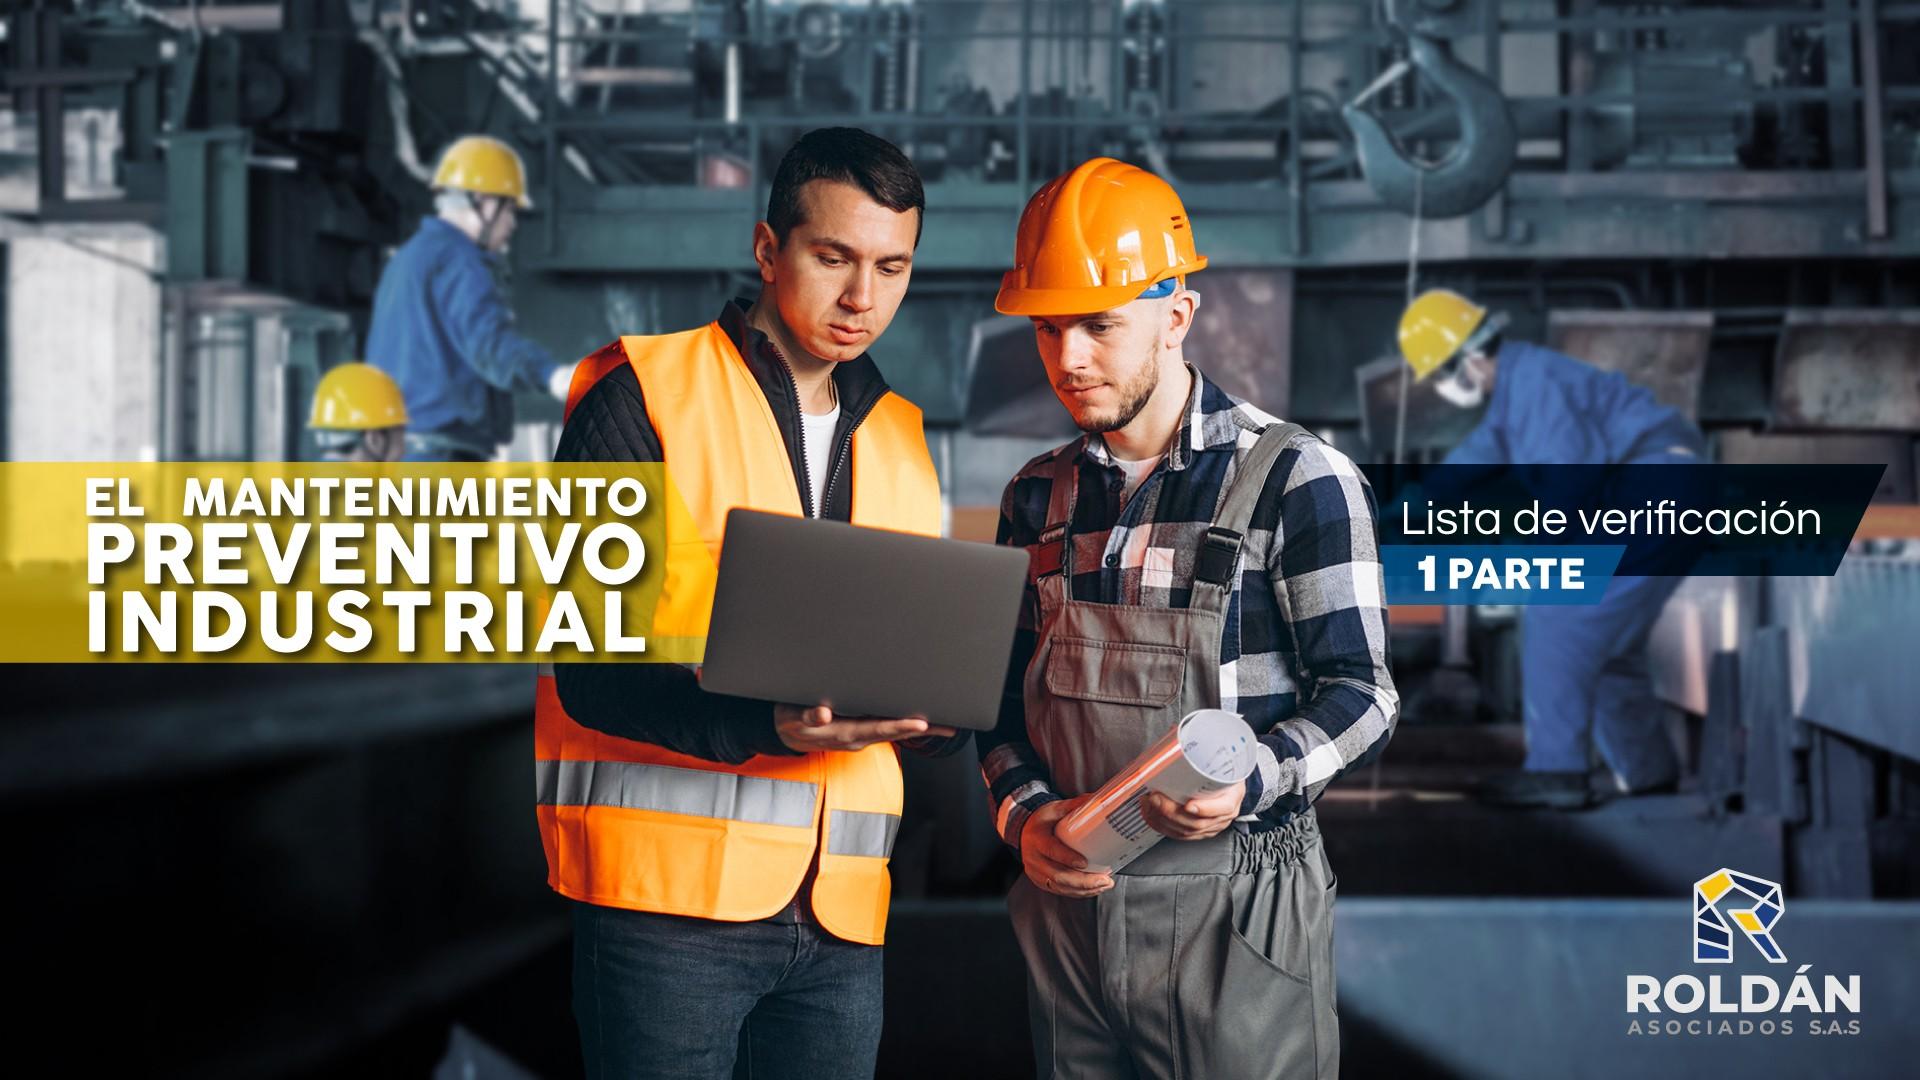 El mantenimiento preventivo industrial: Lista de verificación 1 parte